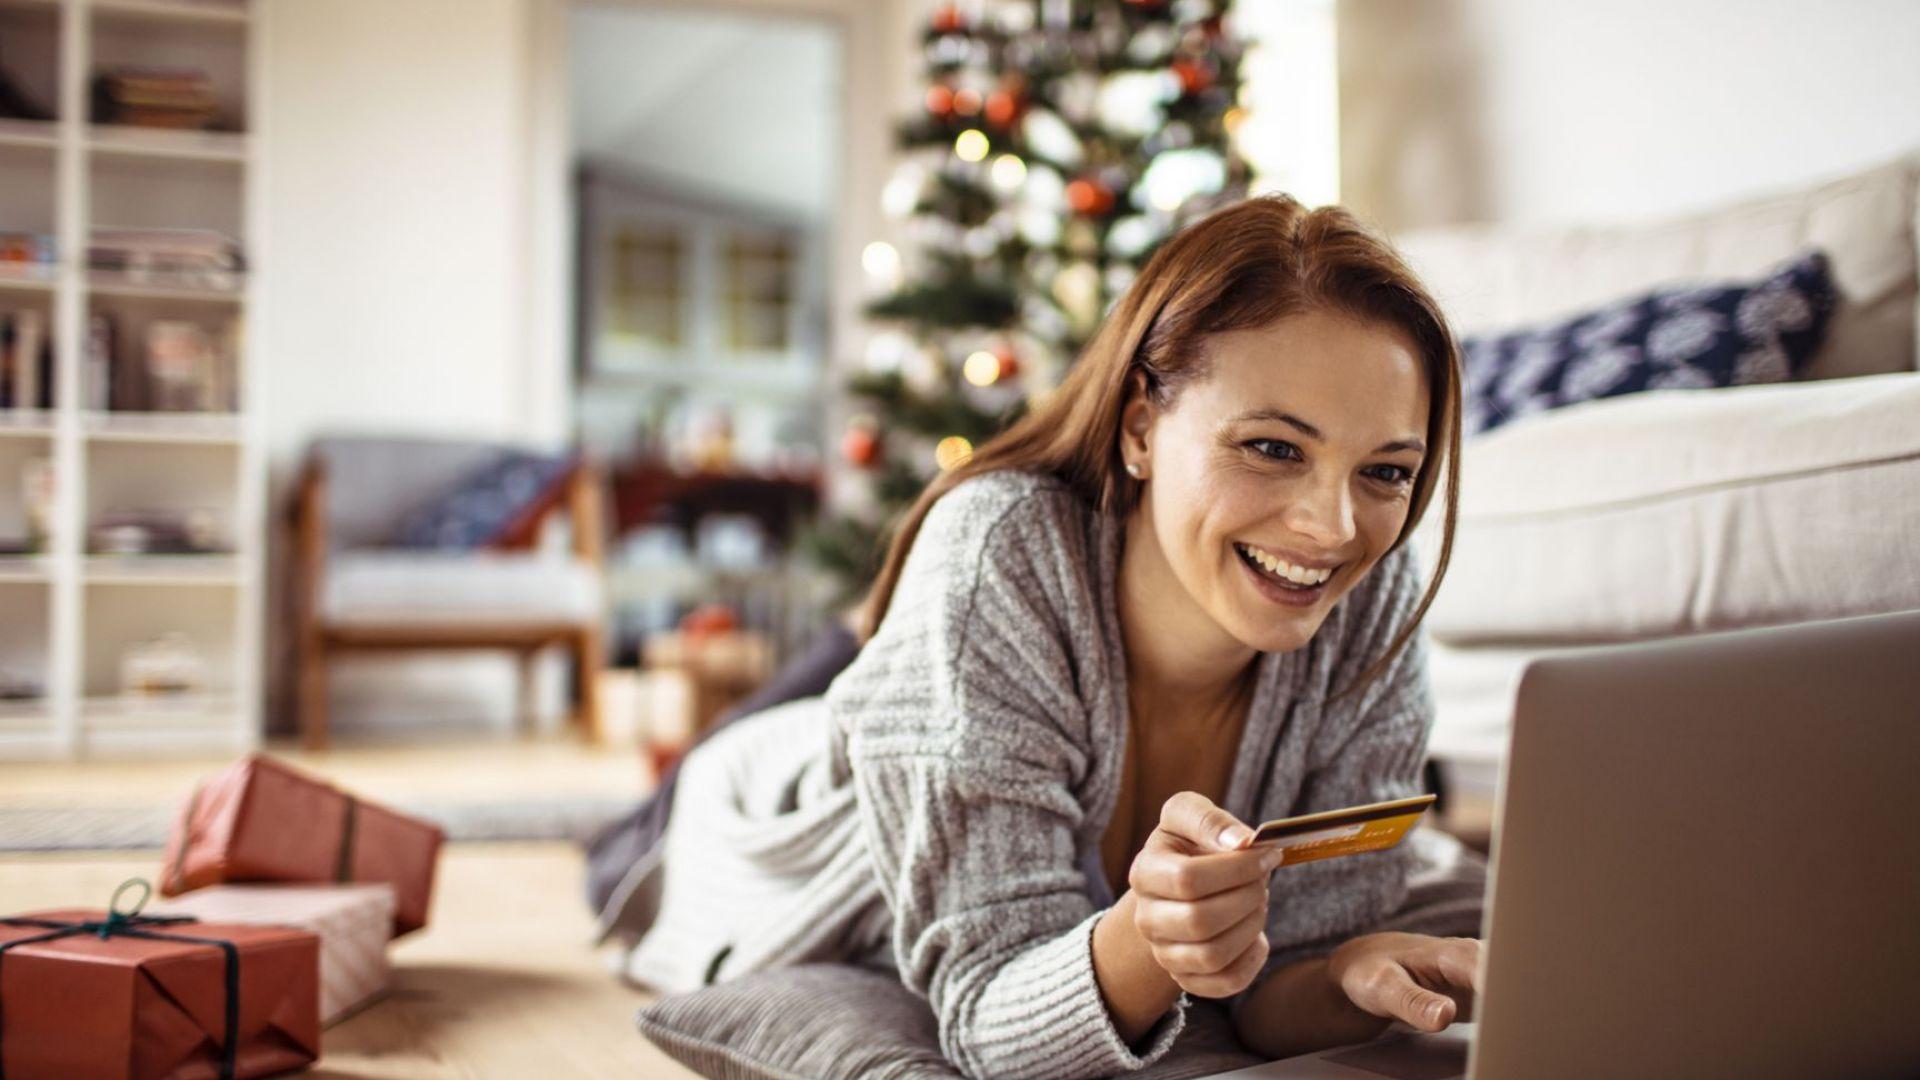 Три прости правила за коледен онлайн шопинг